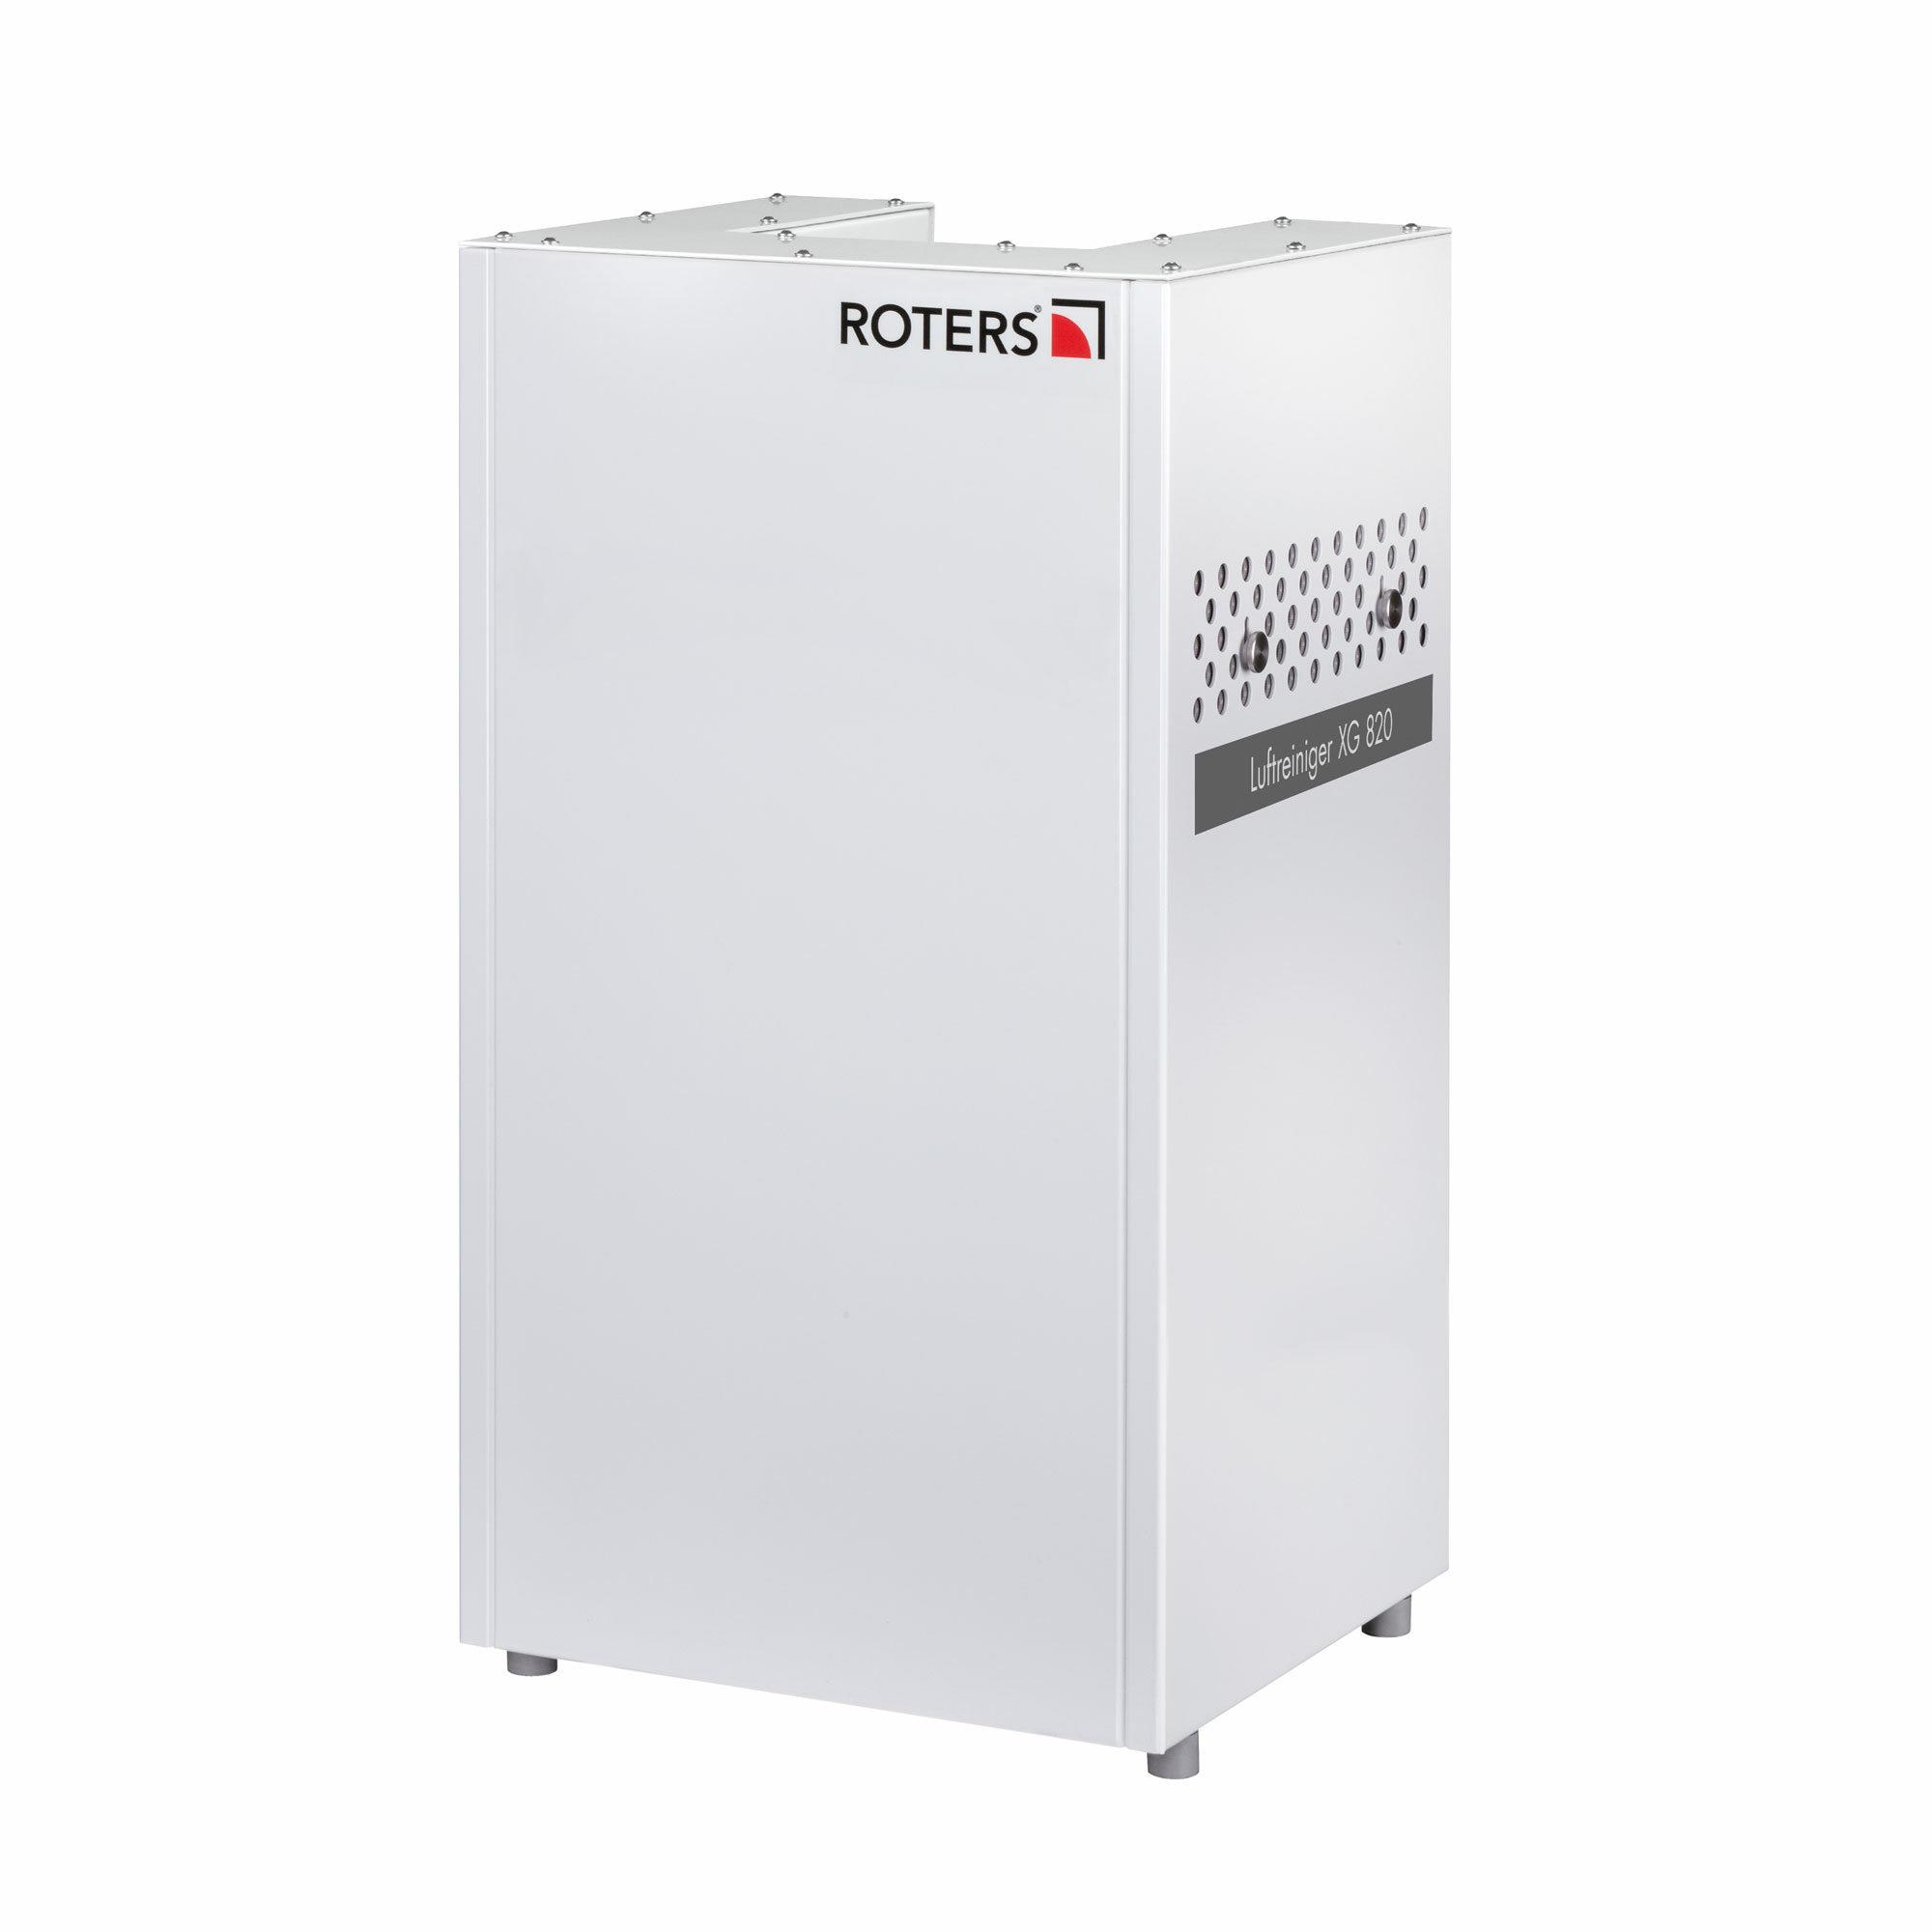 Roters - Luftreiniger XG 820 Profi H14 - Luftreiniger mit Vorfilter und Hepafilter H14 - Bild 01